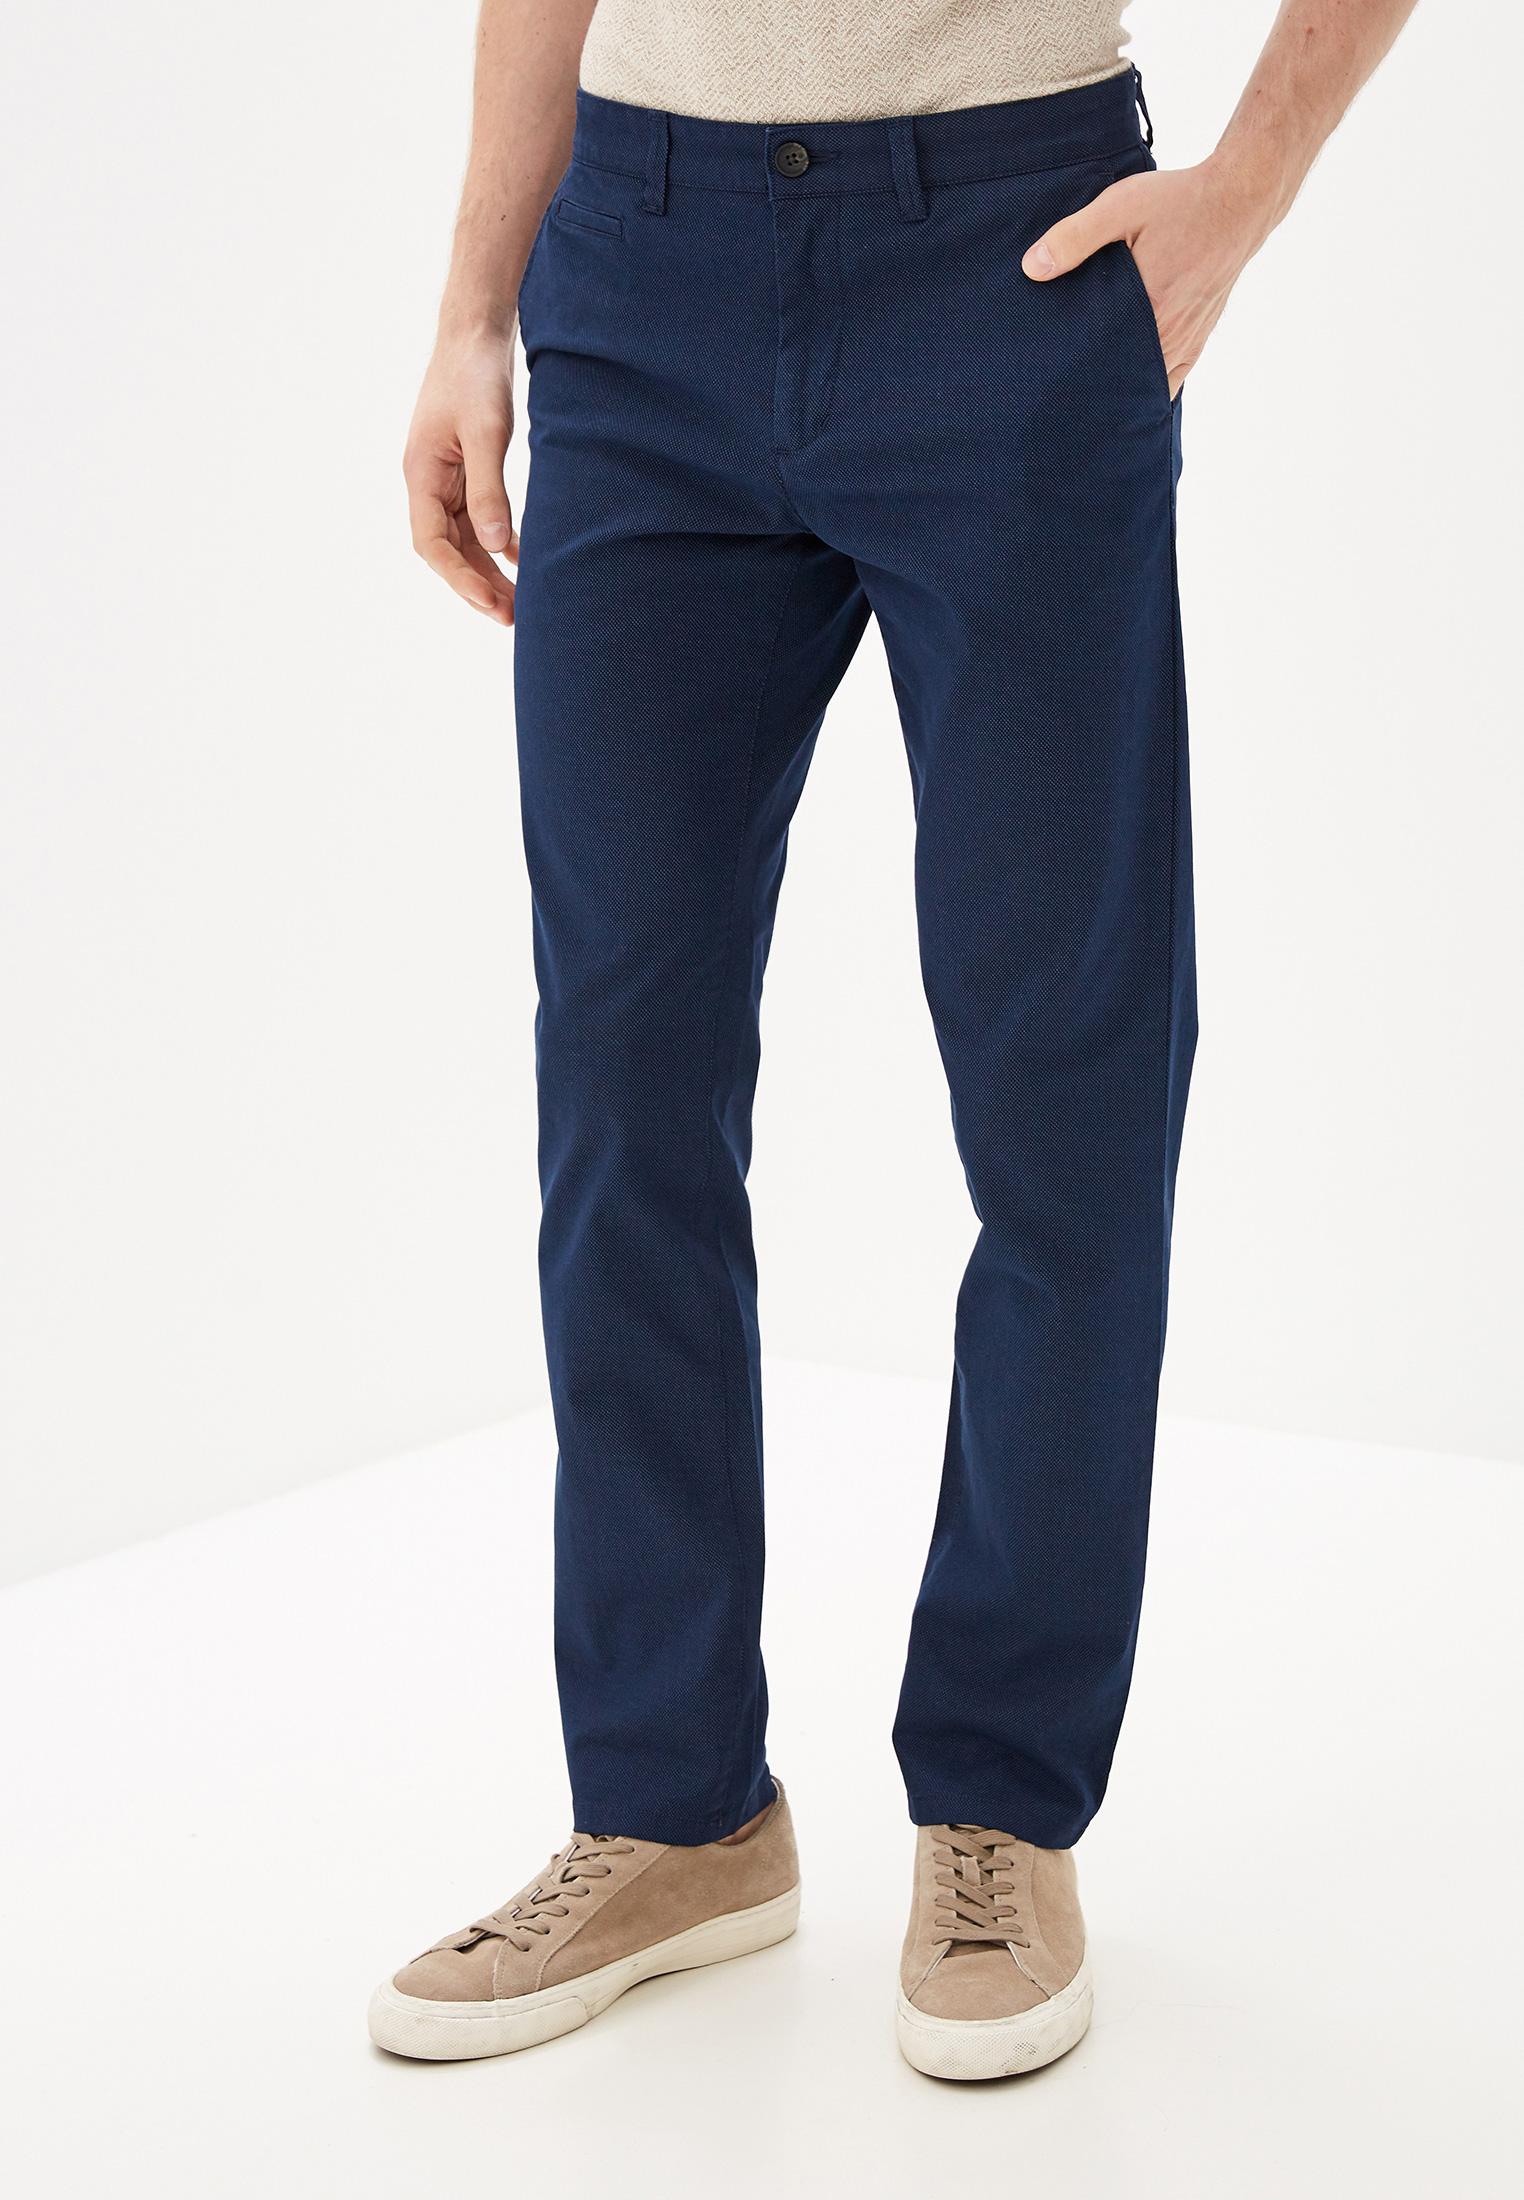 Мужские повседневные брюки O'stin MP4V44